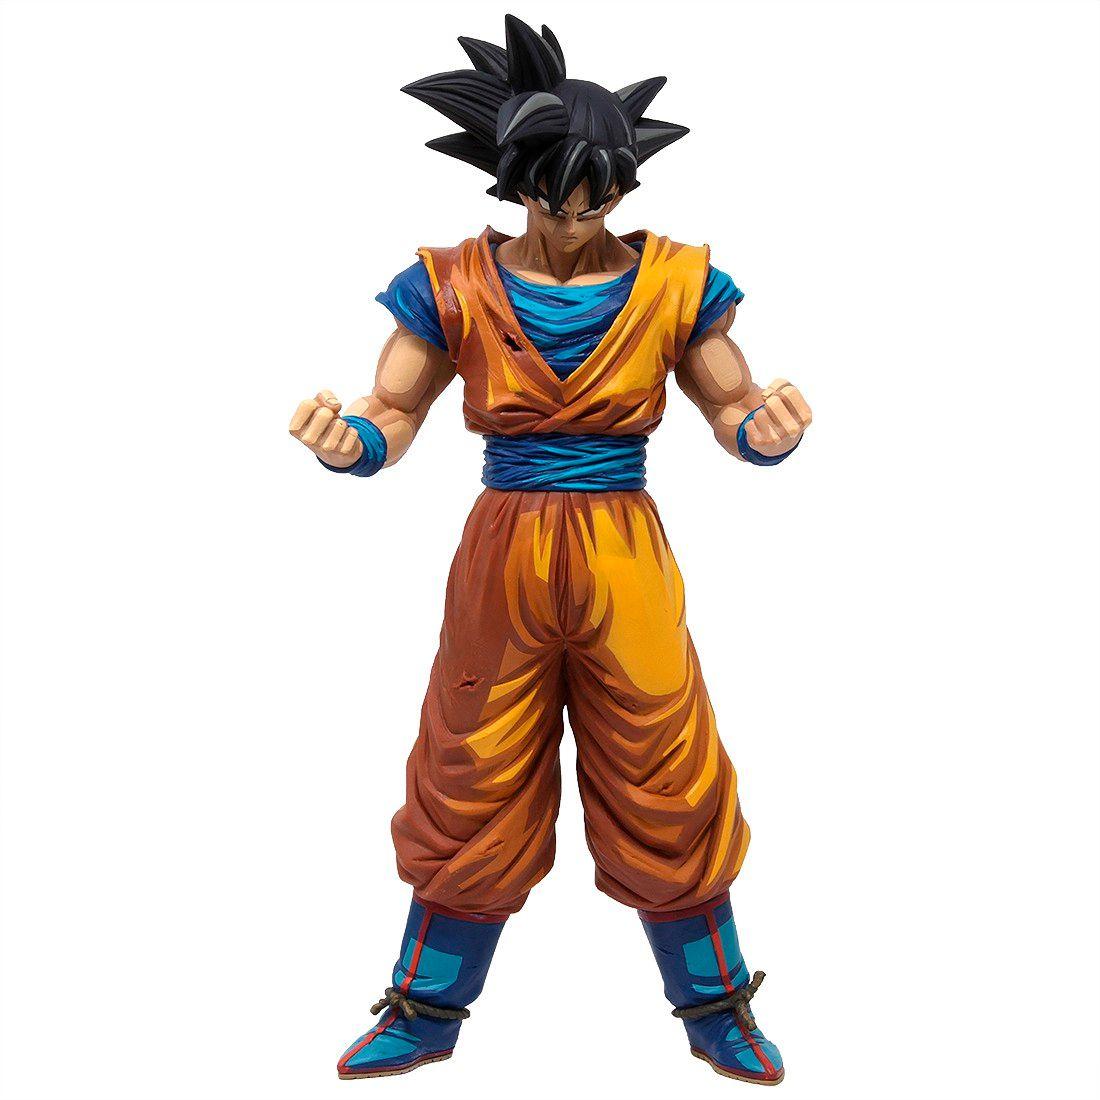 28 cm Dragon Ball Z Goku Adult Figura Acción colección